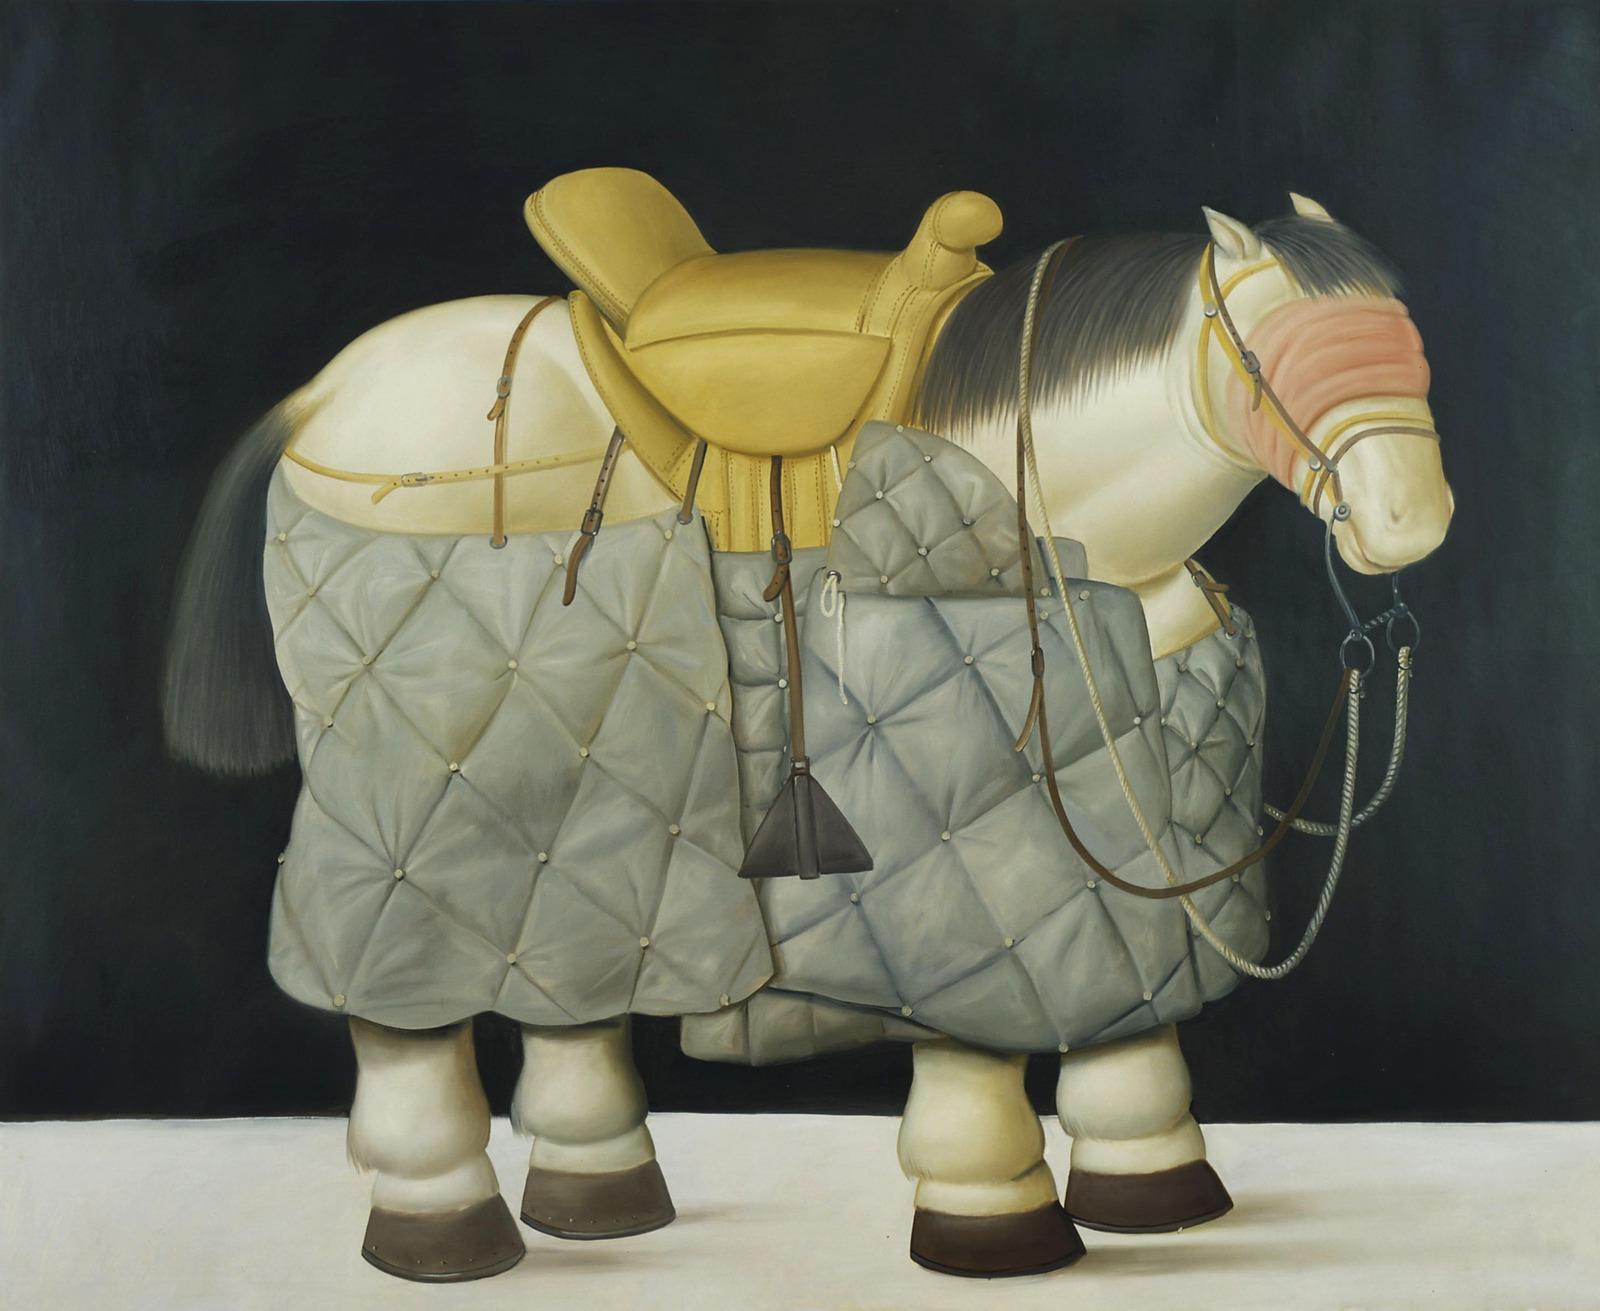 2002_Лошадь пикадора (Horse of the Picador)_190 x 234_х.,м._Частное собрание.jpg